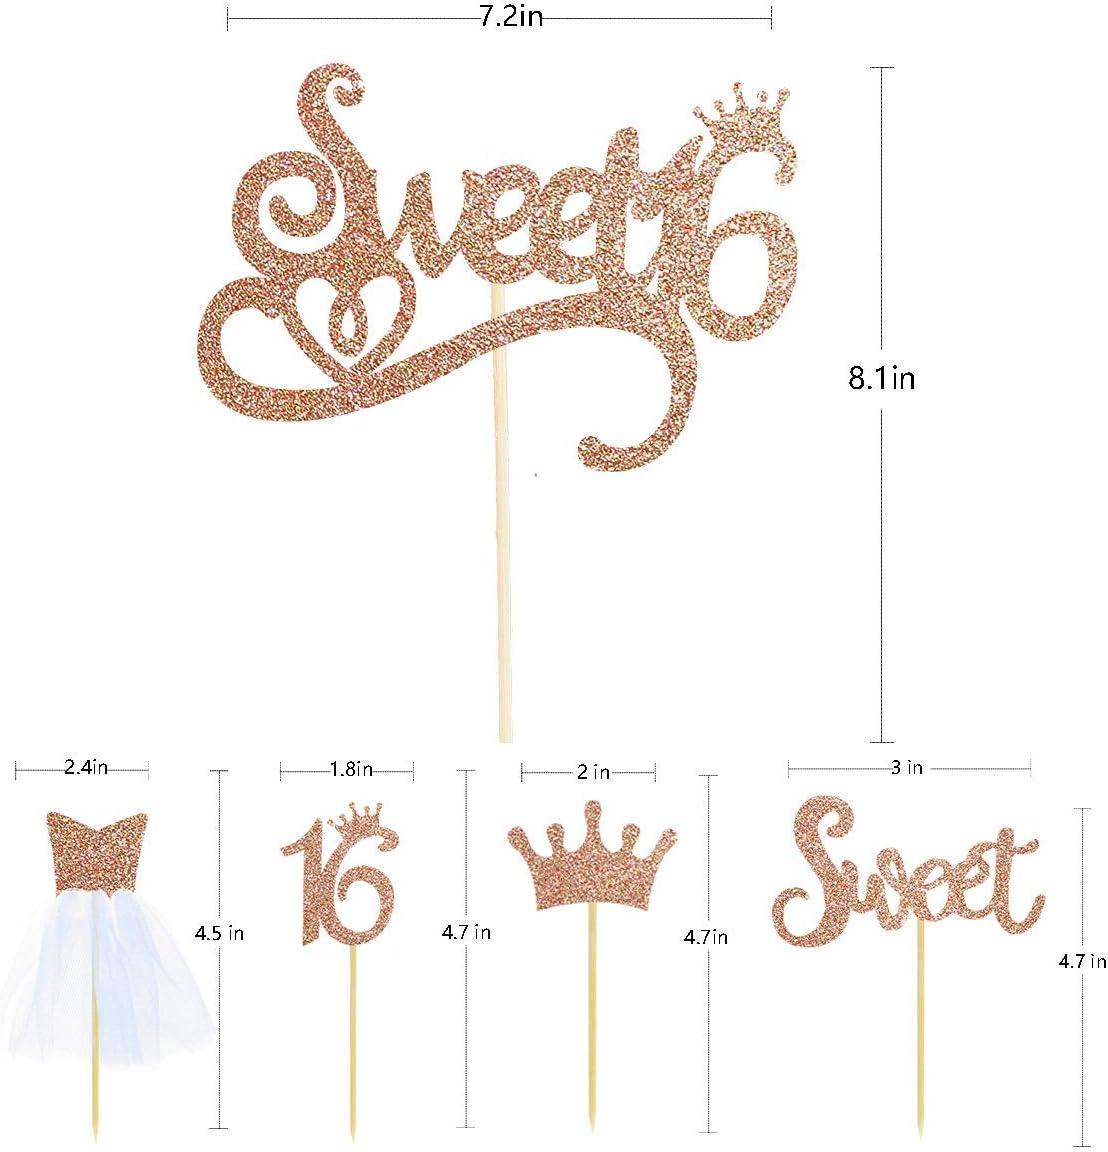 Pink Blume 33 pcs Sweet 16 Topper pour g/âteaux D/écorations pour f/êtes danniversaire Sweet Sixteen Cake Toppers avec paillettes en or rose Sweet Sixteen Cupcake Topper Kit pour 16 anniversaires